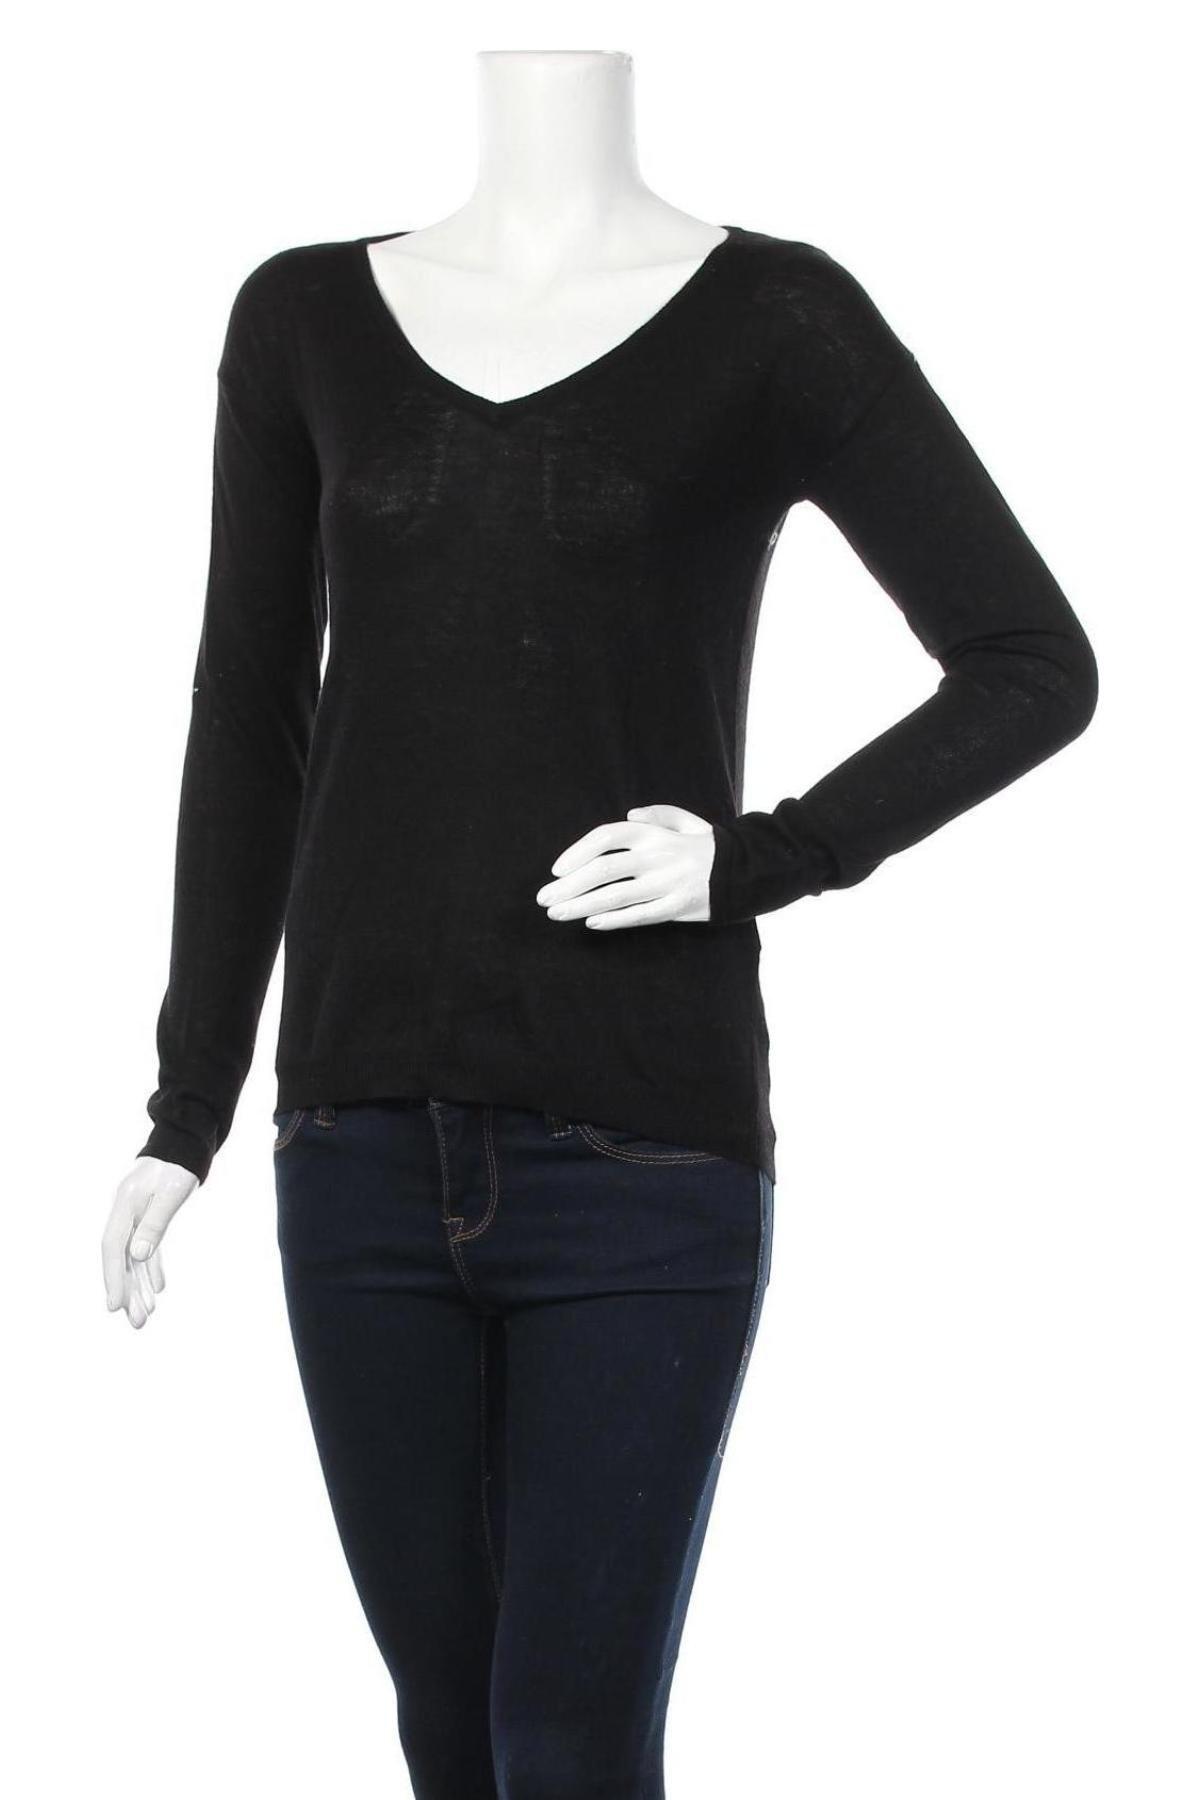 Γυναικείο πουλόβερ Cache Cache, Μέγεθος XS, Χρώμα Μαύρο, 51% πολυεστέρας, 21%ακρυλικό, 20% πολυαμίδη, 8% μαλλί, Τιμή 6,96€